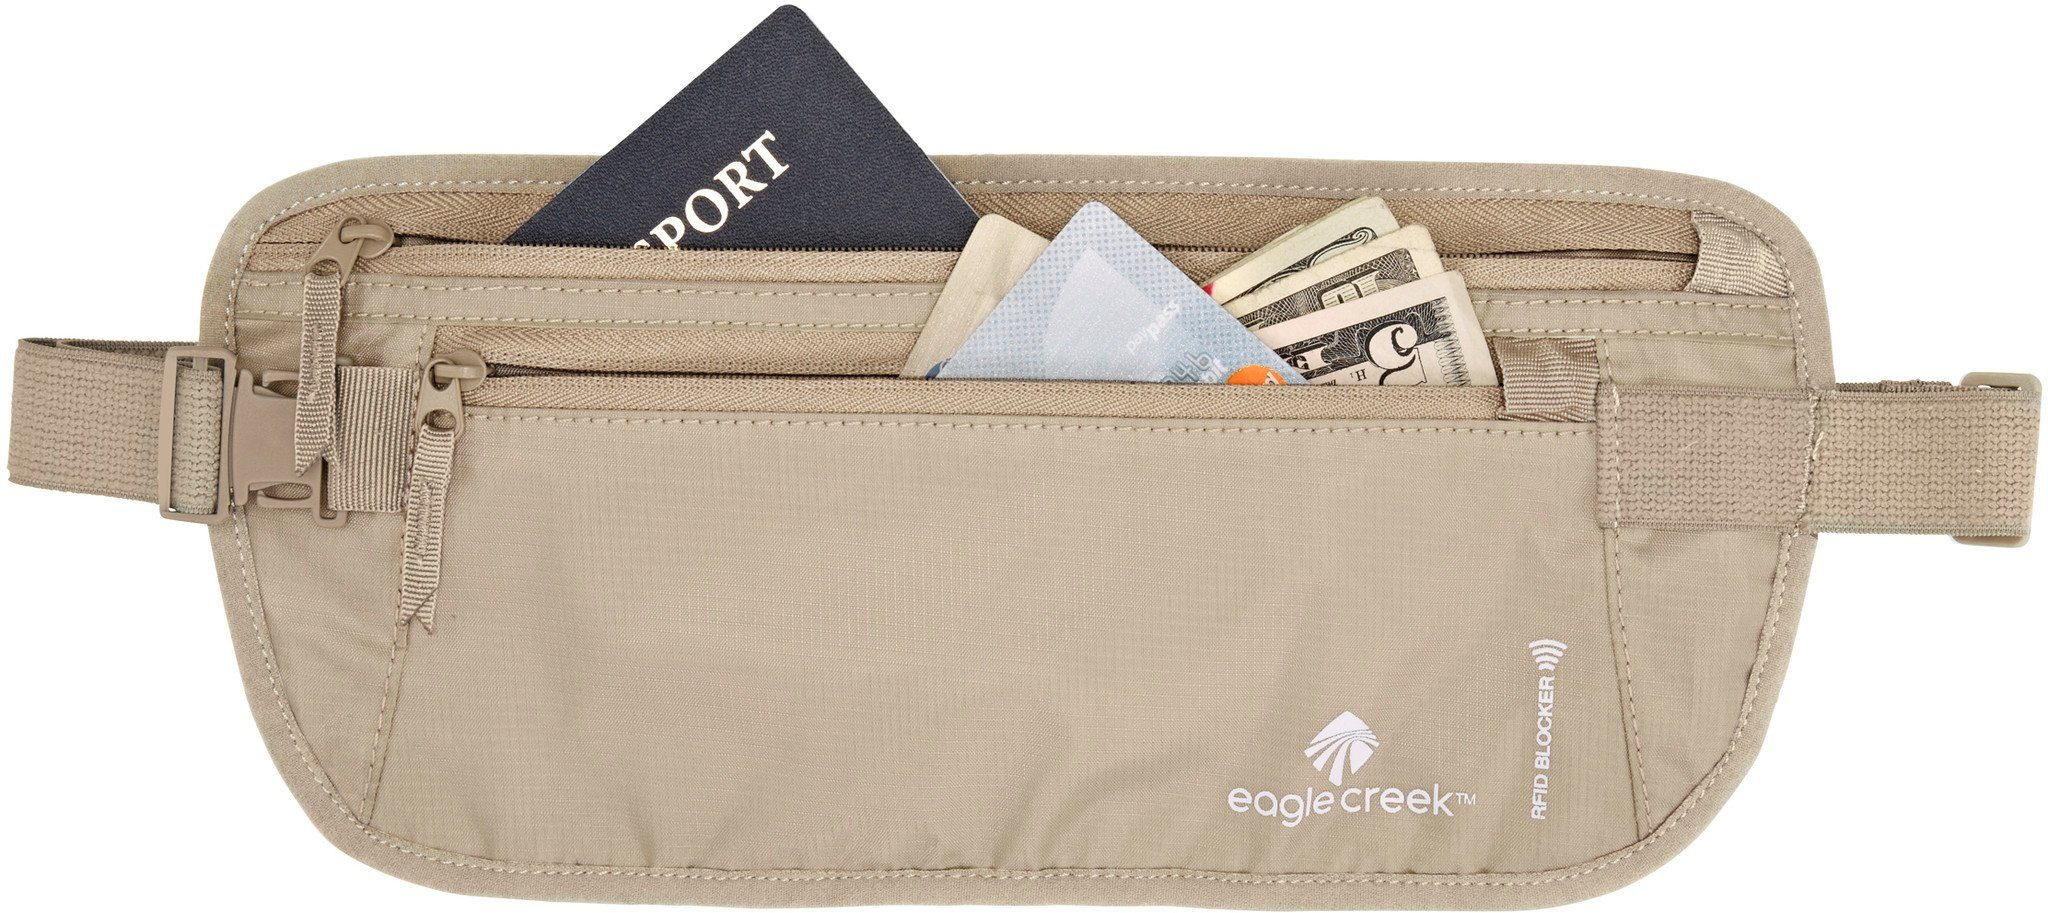 Eagle Creek Wertsachenaufbewahrung »RFID Blocker Money Belt DLX«